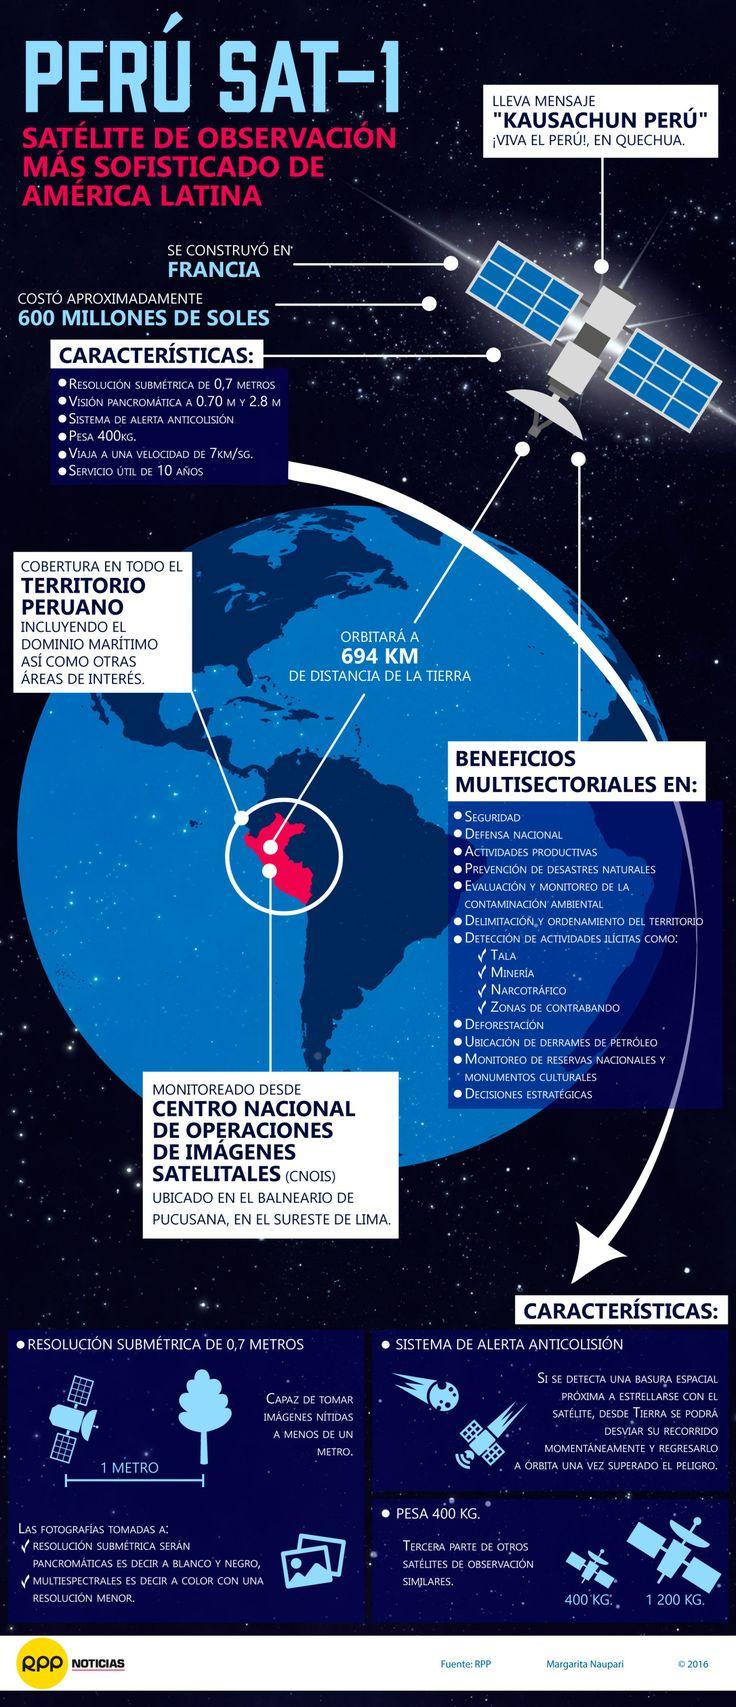 Infografía: Sepa todo sobre el satélite Perú SAT-1